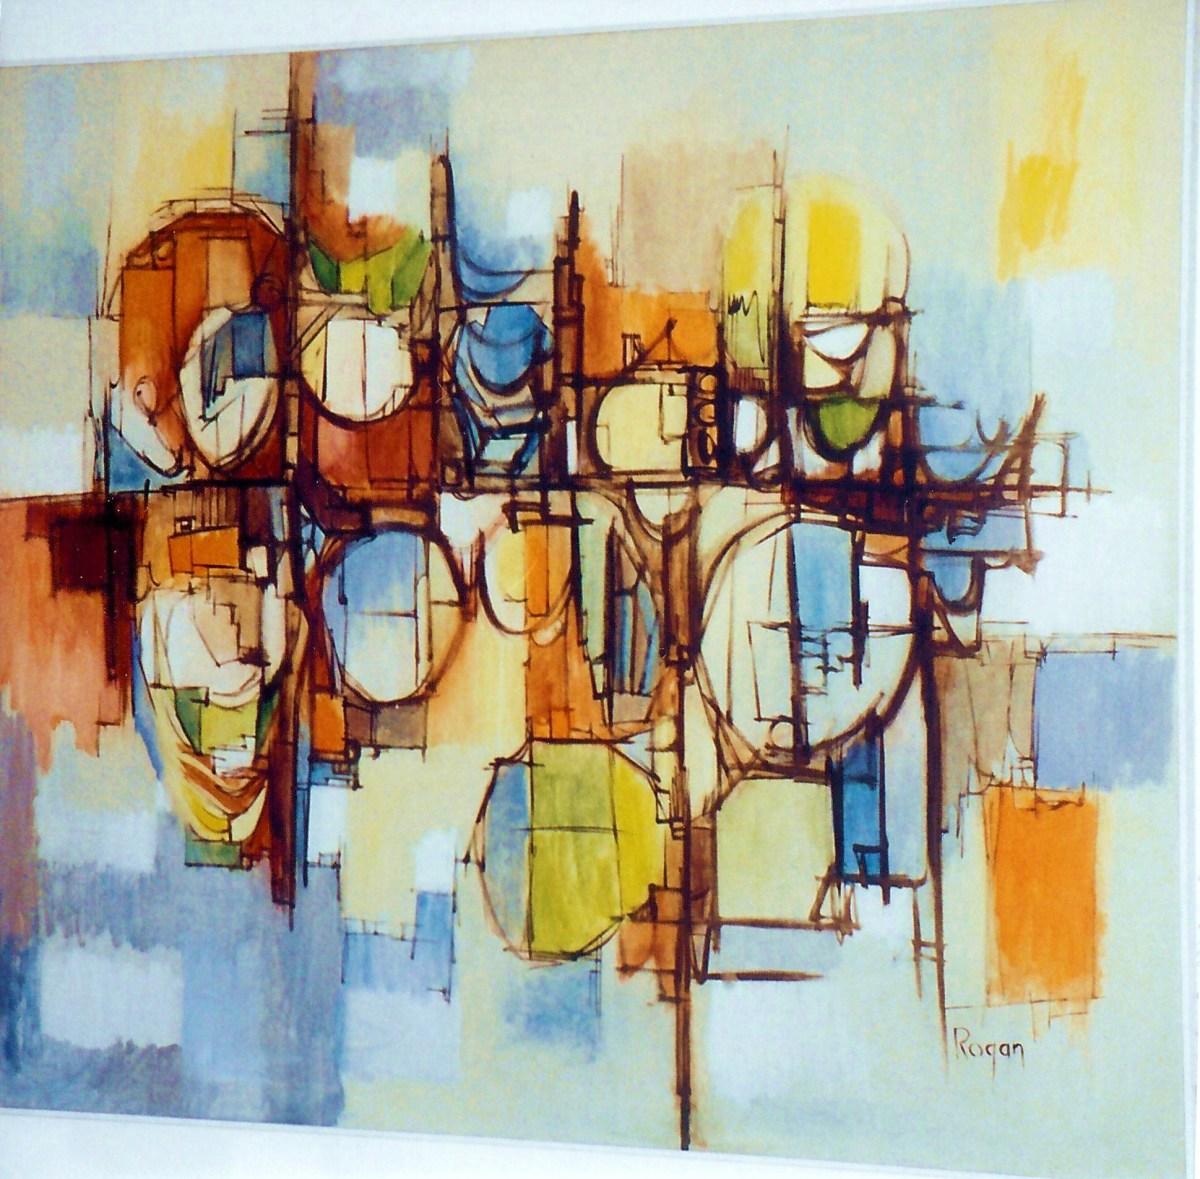 Dr. Robert Rogan, Exceptional Modern Artist, Professor, and Mentor: Photos of His Art